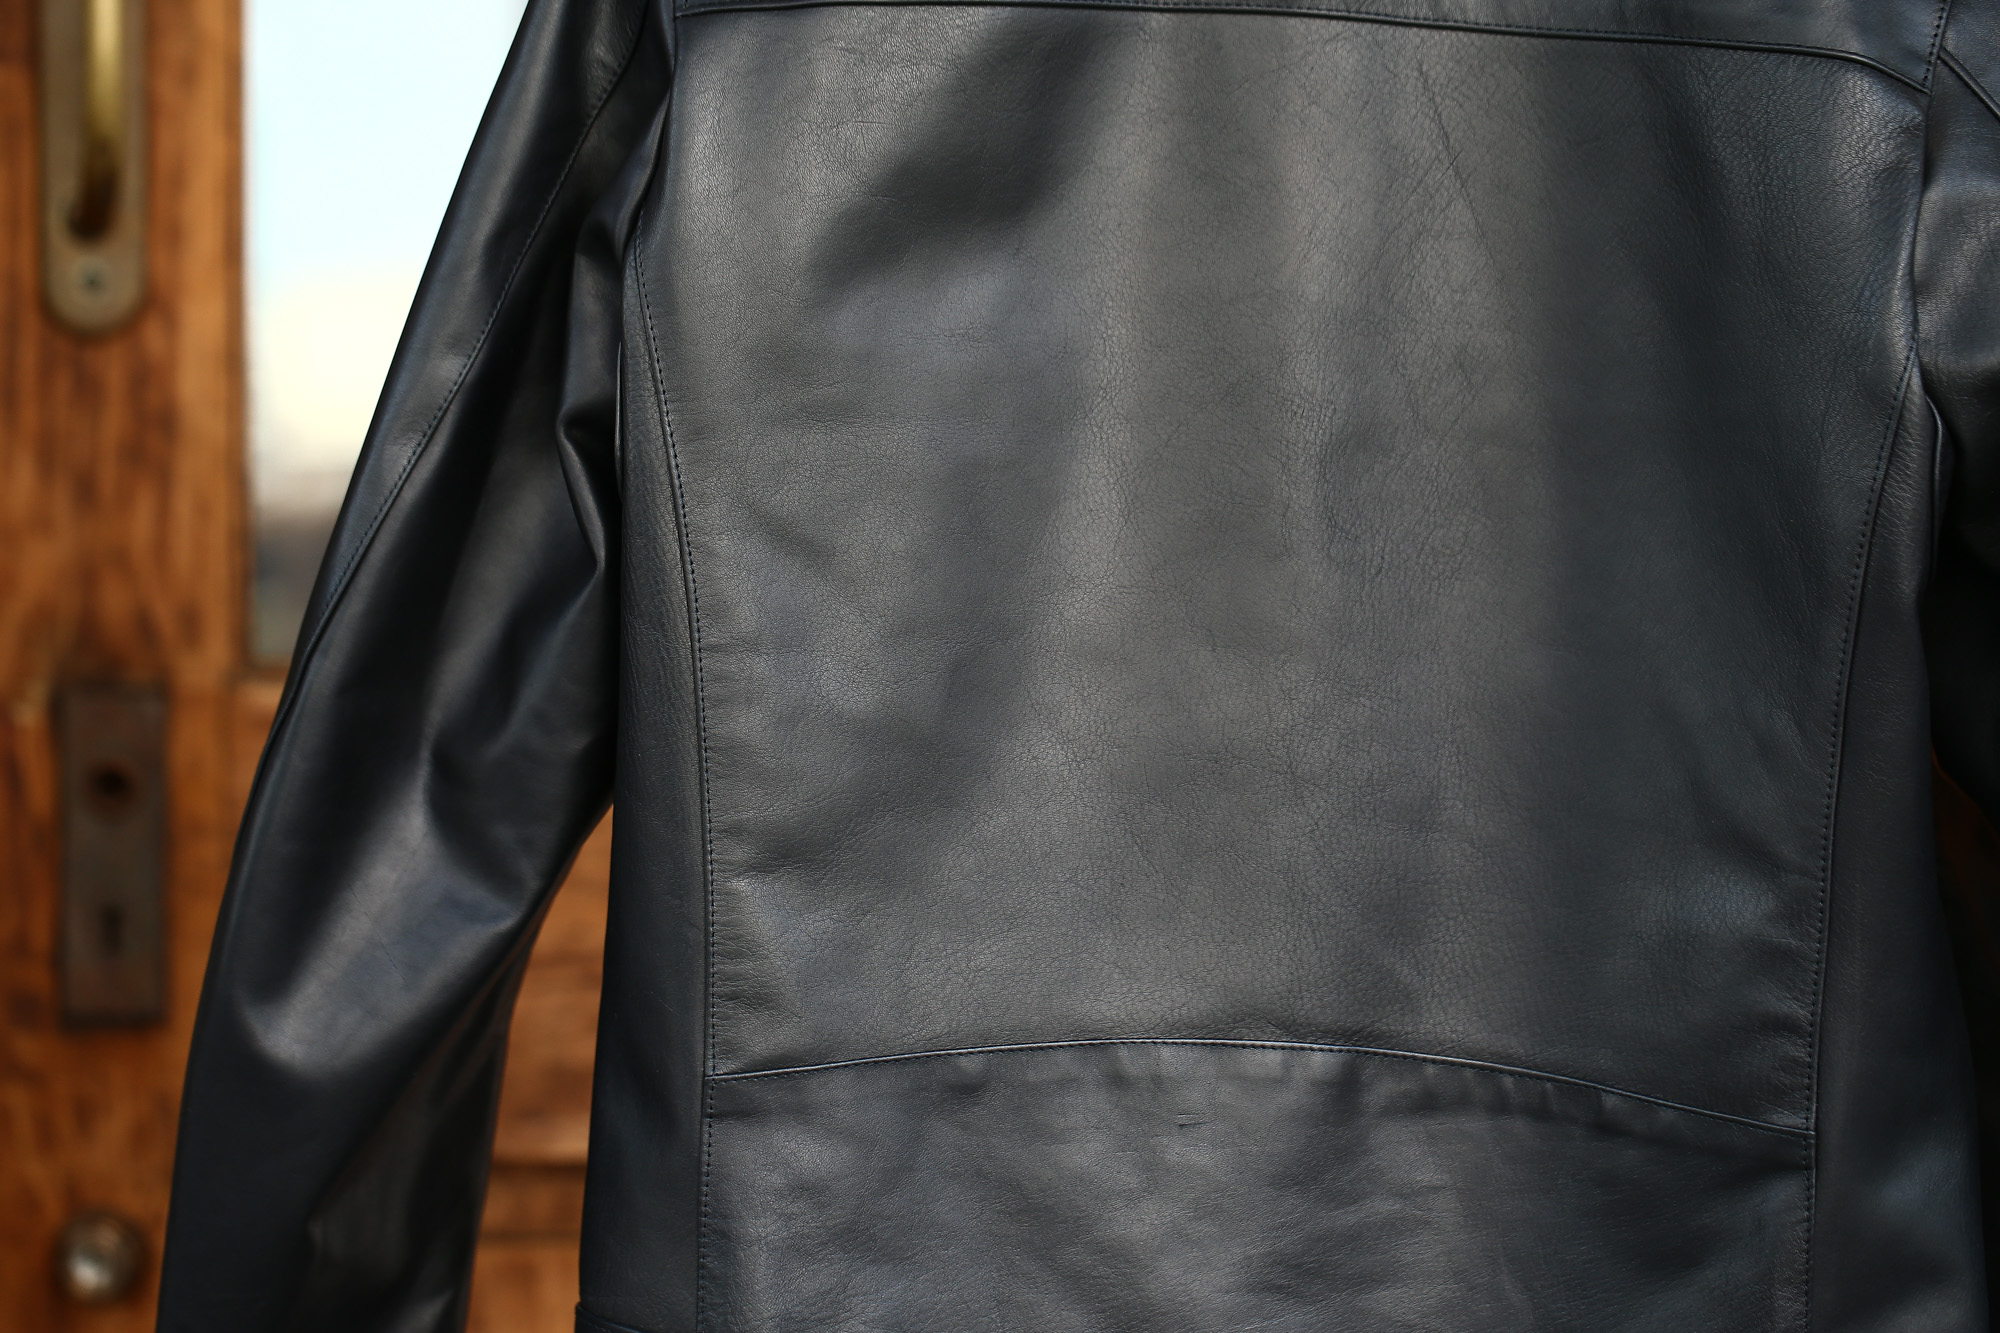 CINQUANTA (チンクアンタ) H508 W RIDERS SL CAVALLO (ダブルライダース ジャケット SL) ホースレザー ライダース ジャケット BLACK GOLD (ブラックゴールド・999) Made in italy (イタリア製) 2018 春夏新作 cinquanta 愛知 名古屋 Alto e Diritto アルト エ デリット レザージャケット ライダース ダブルレザー